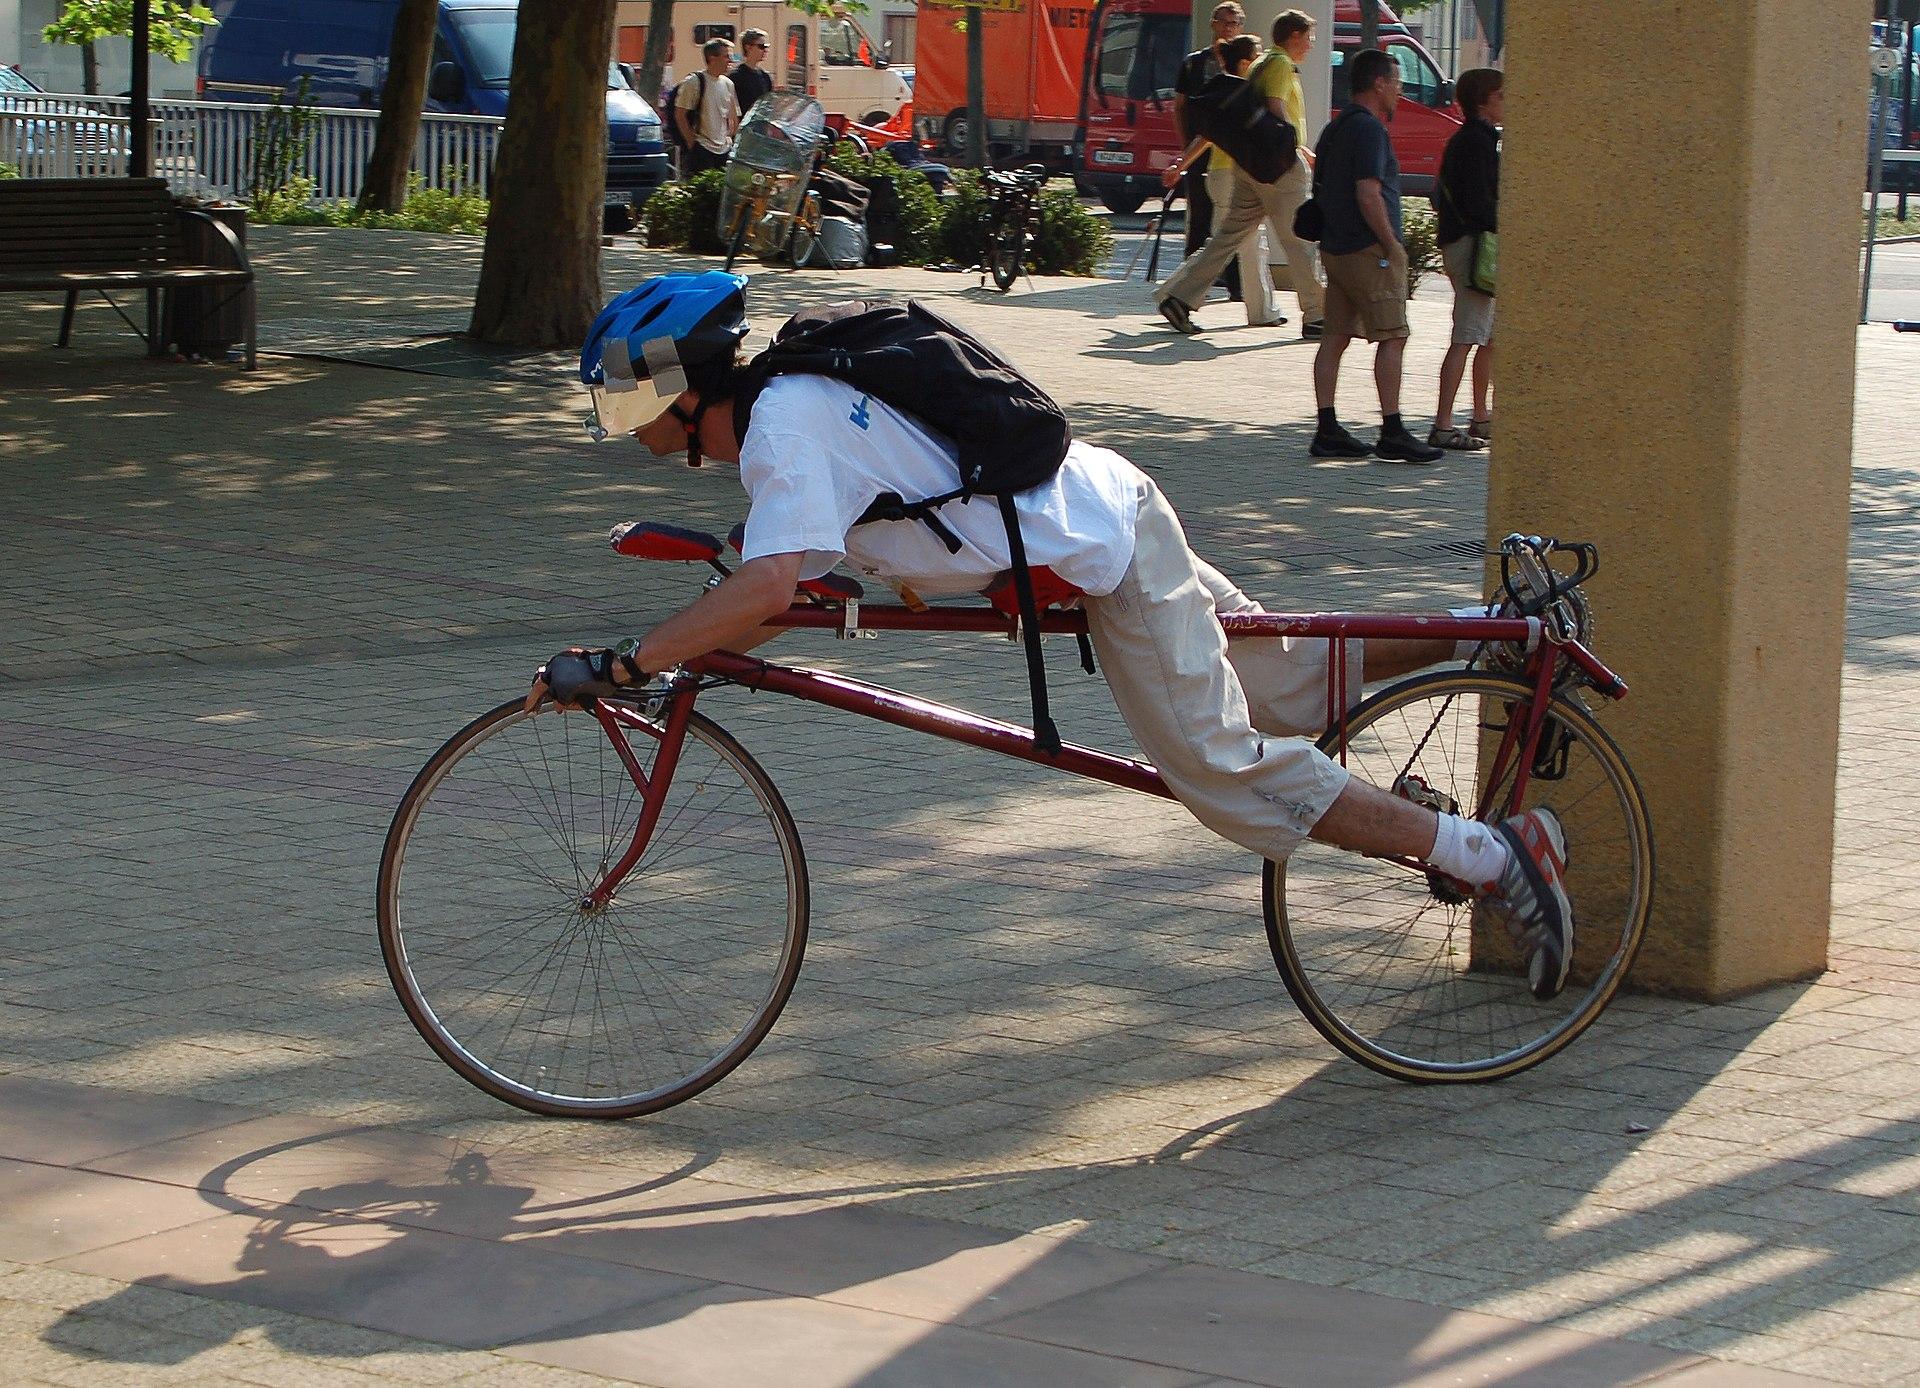 Prone bicycle - Wikipedia